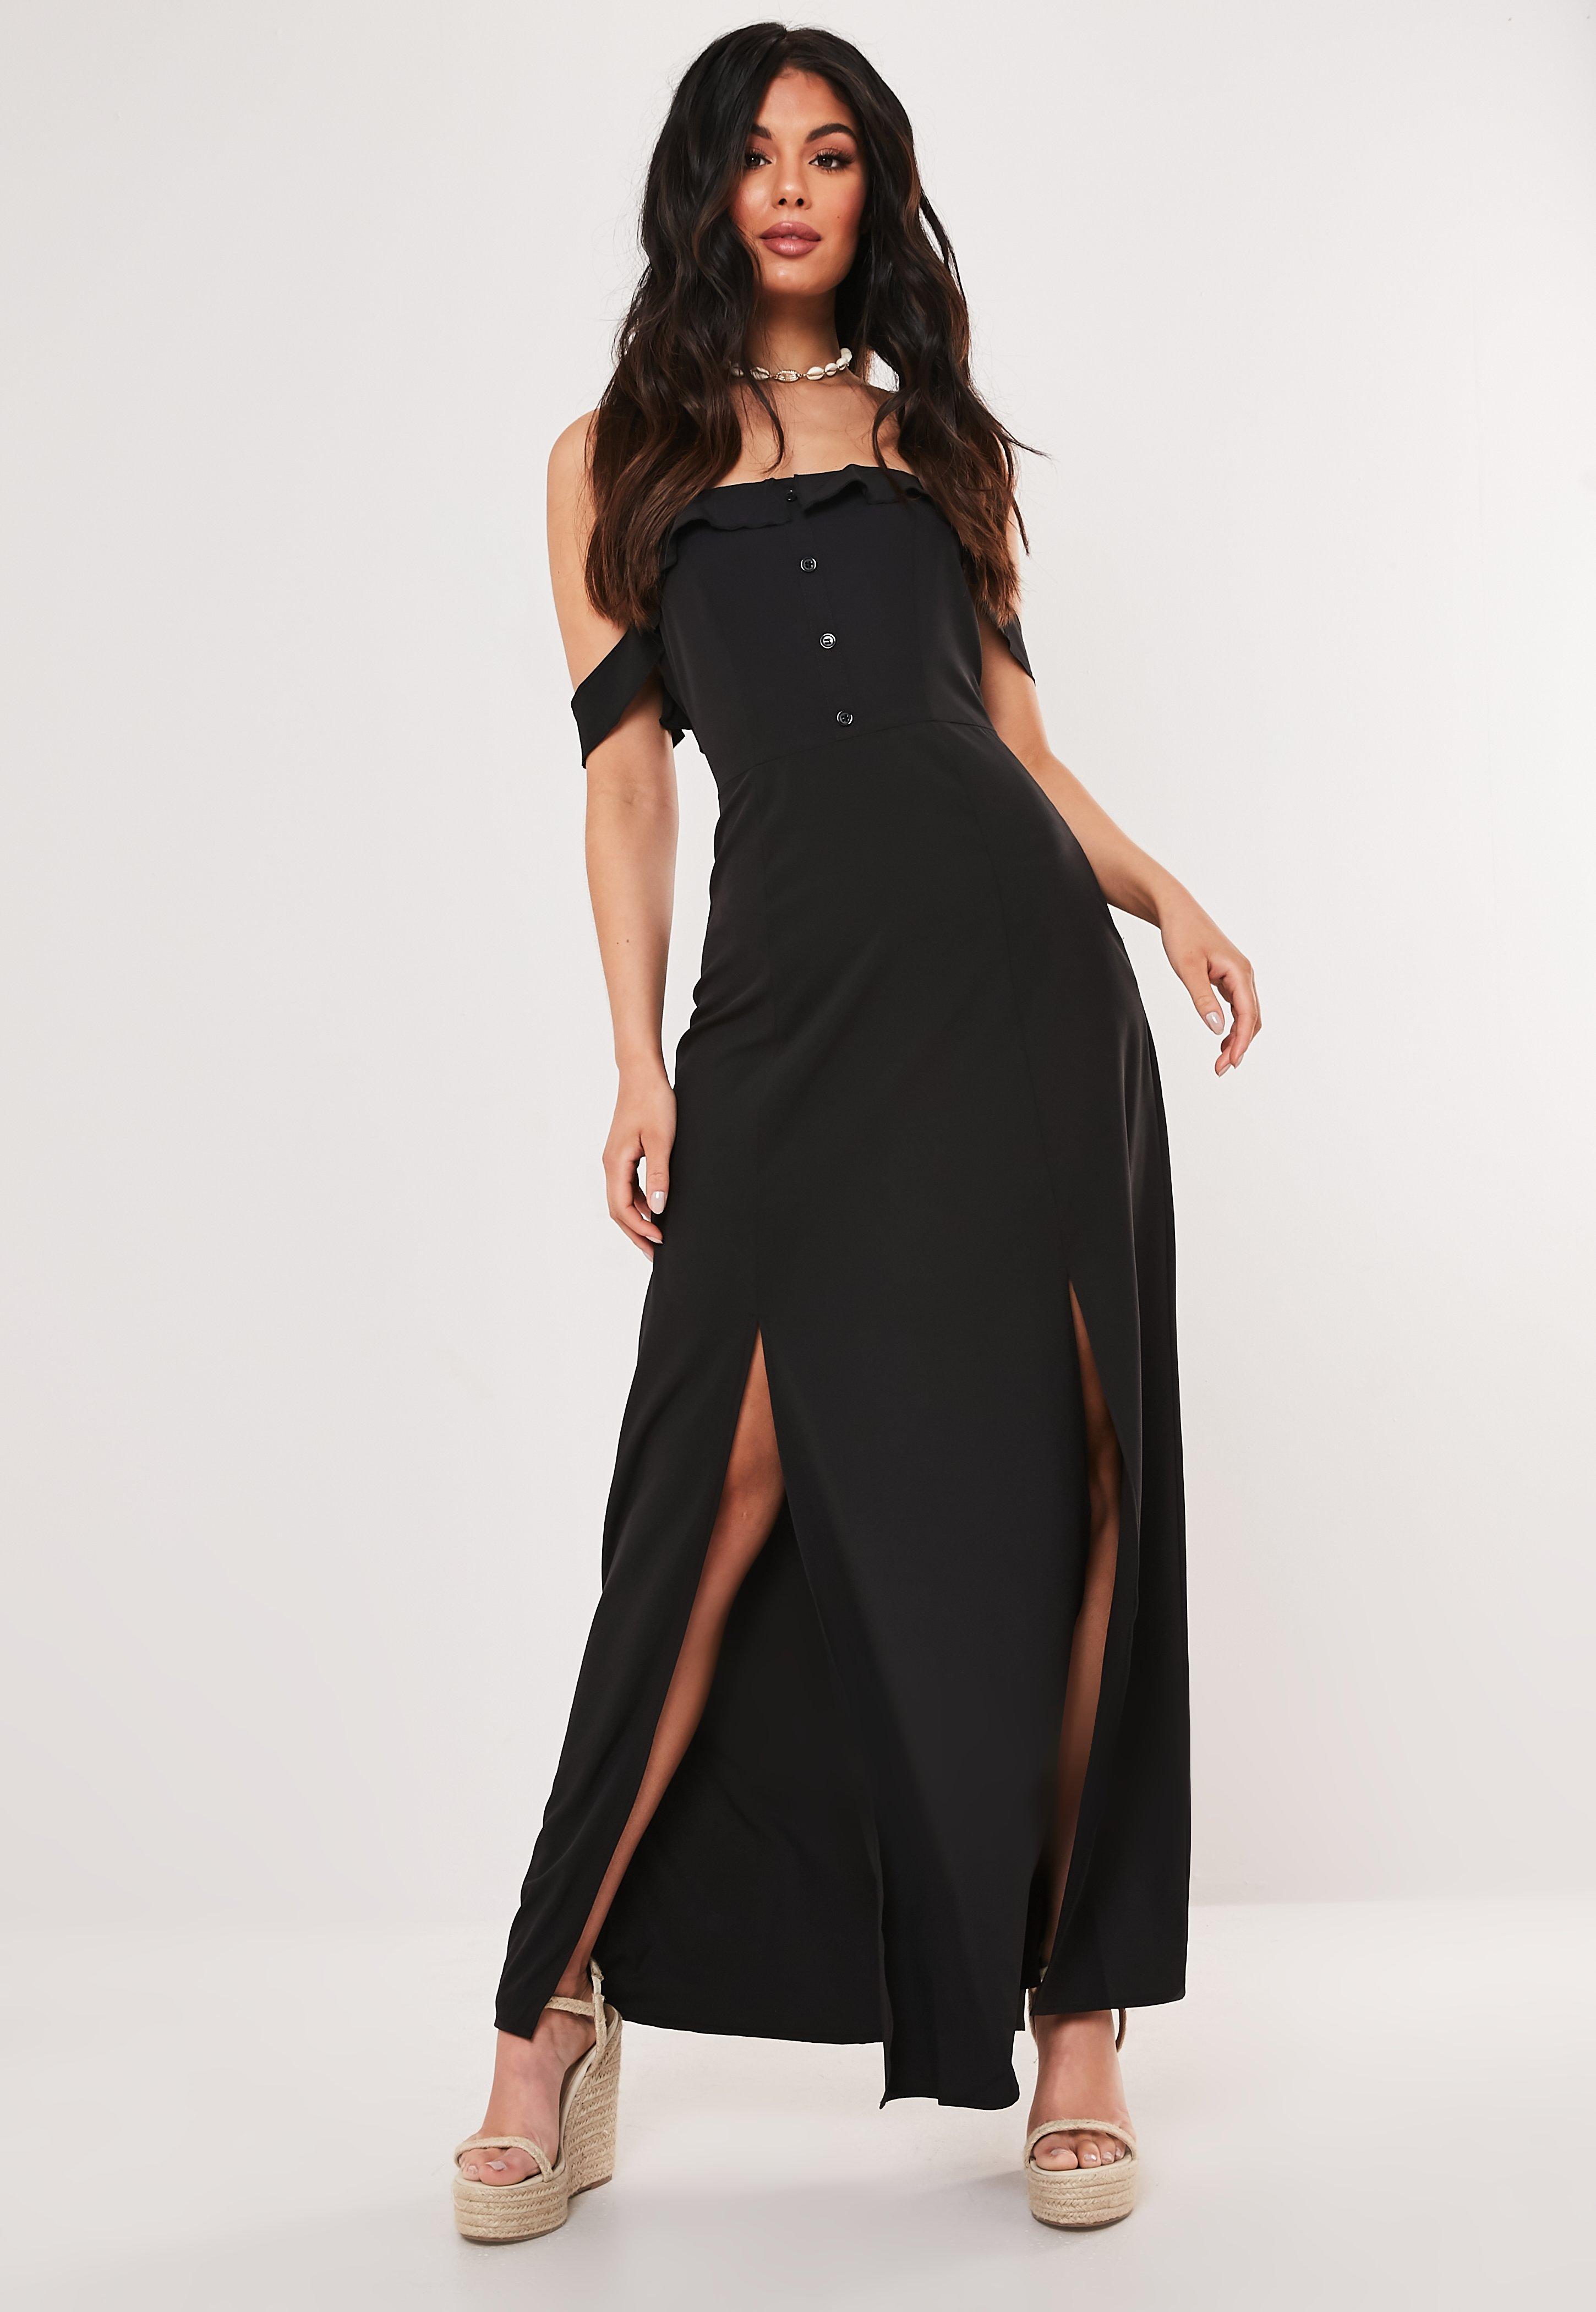 8c09110fc13 Off the Shoulder Dresses - Bardot Dresses Online